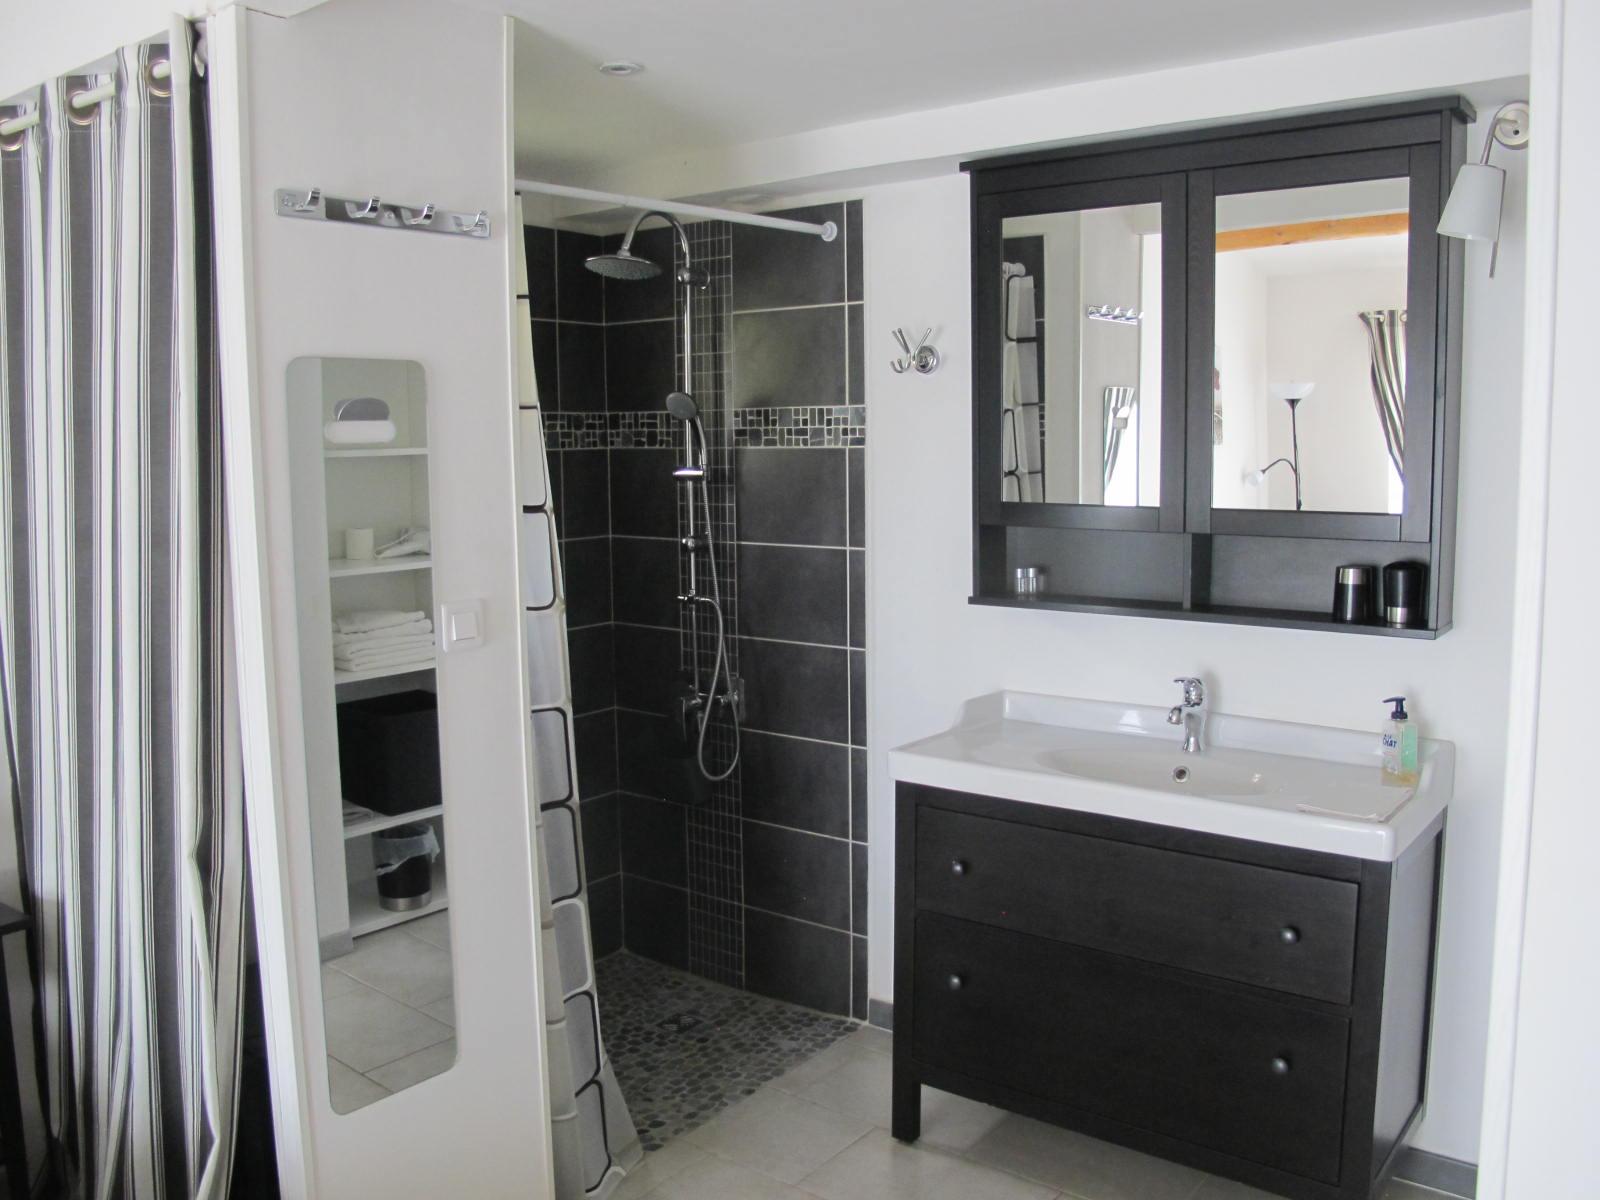 loucardaline-bedoin-ventoux-hébergement-chambre d hotes-vaucluse-double confort-douche a l italienne